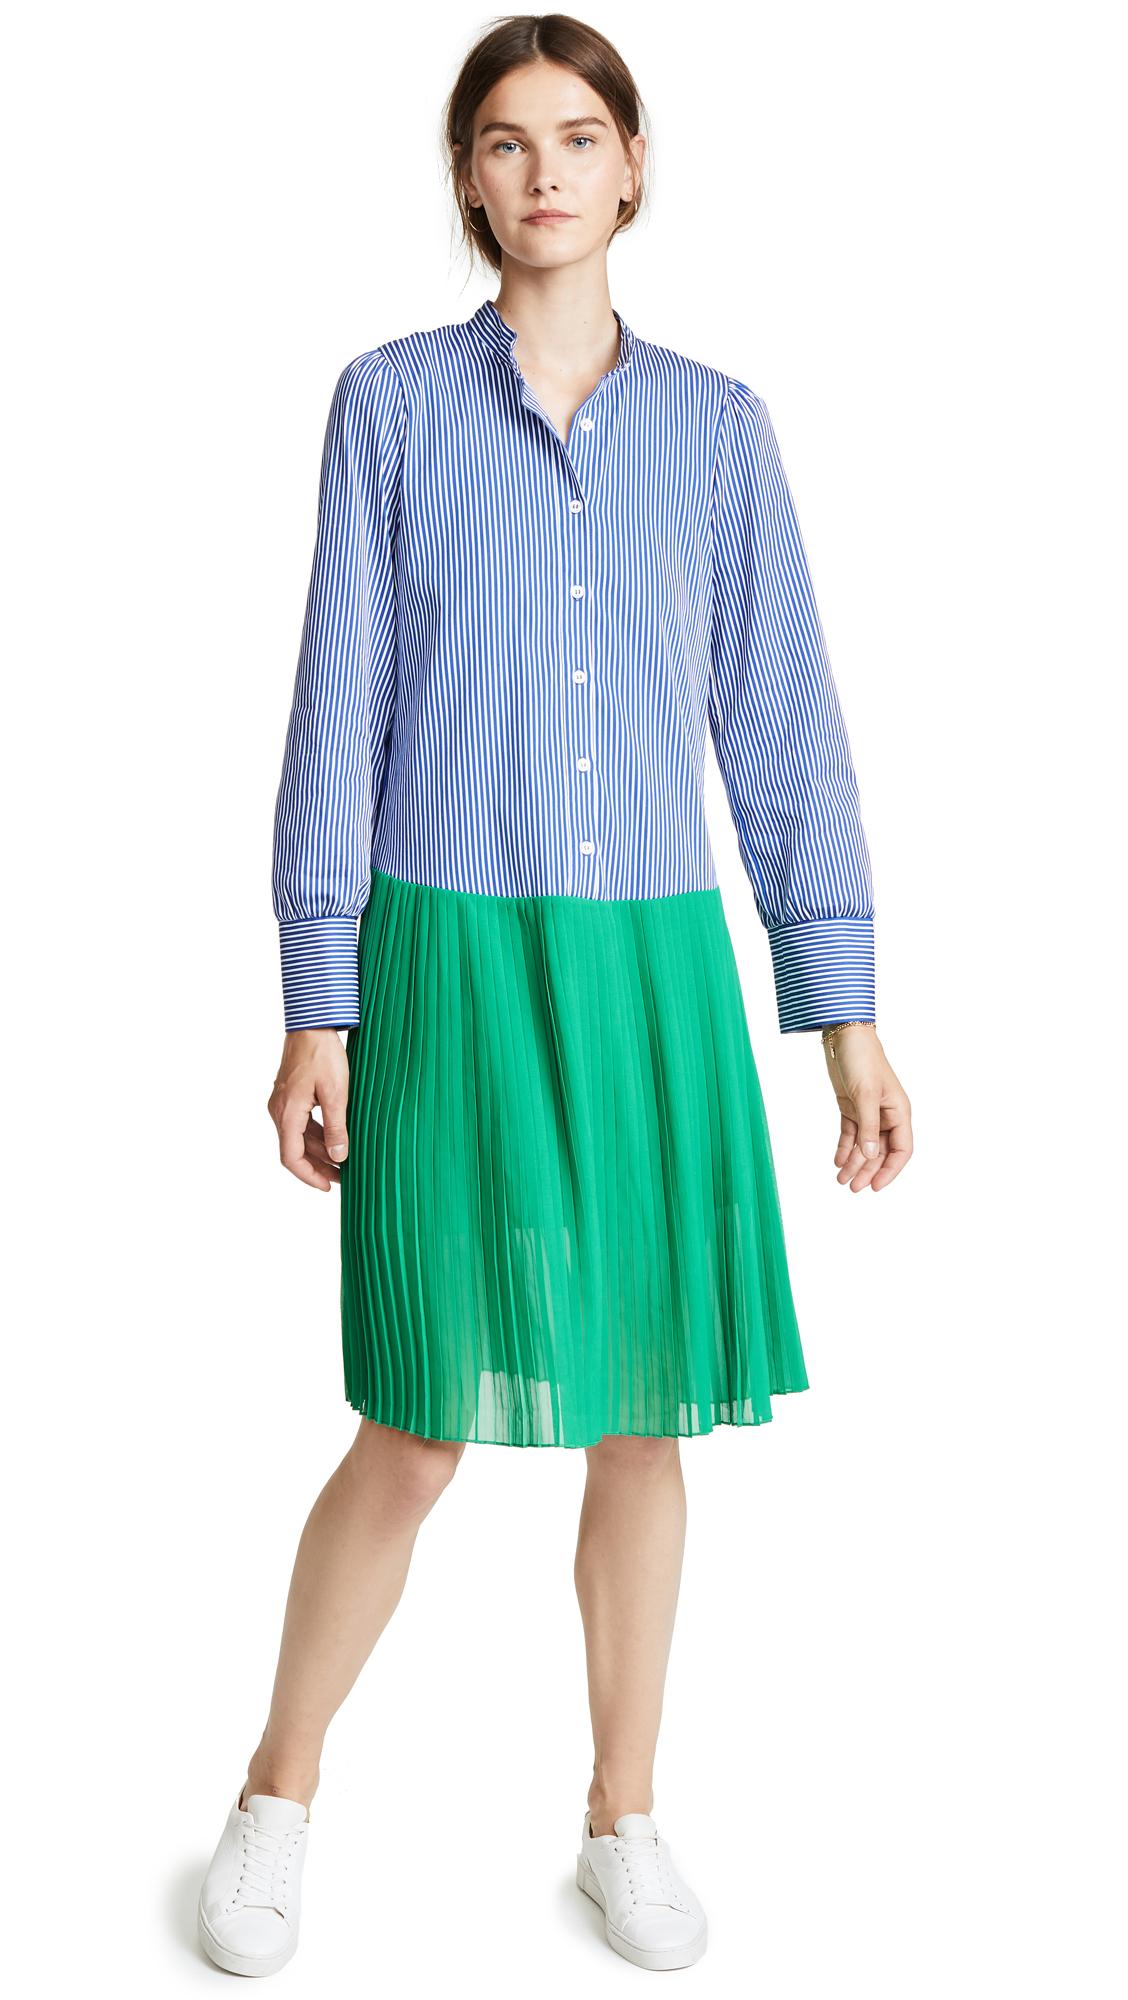 BAUM UND PFERDGARTEN Adine Dress